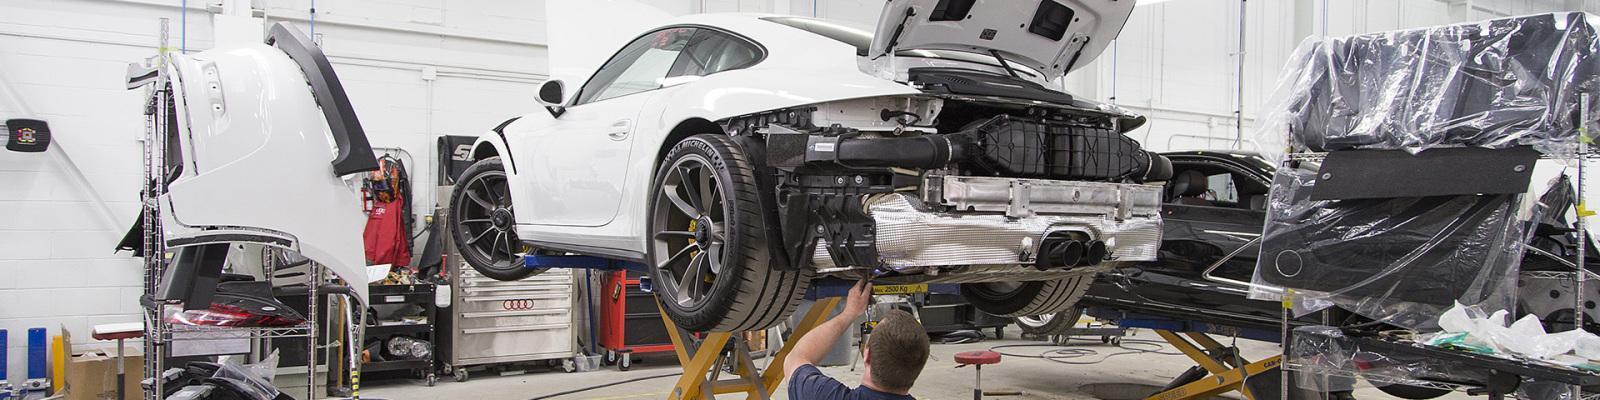 PORSCHE Auto Body Repair & Collision in GREENSBORO, NC